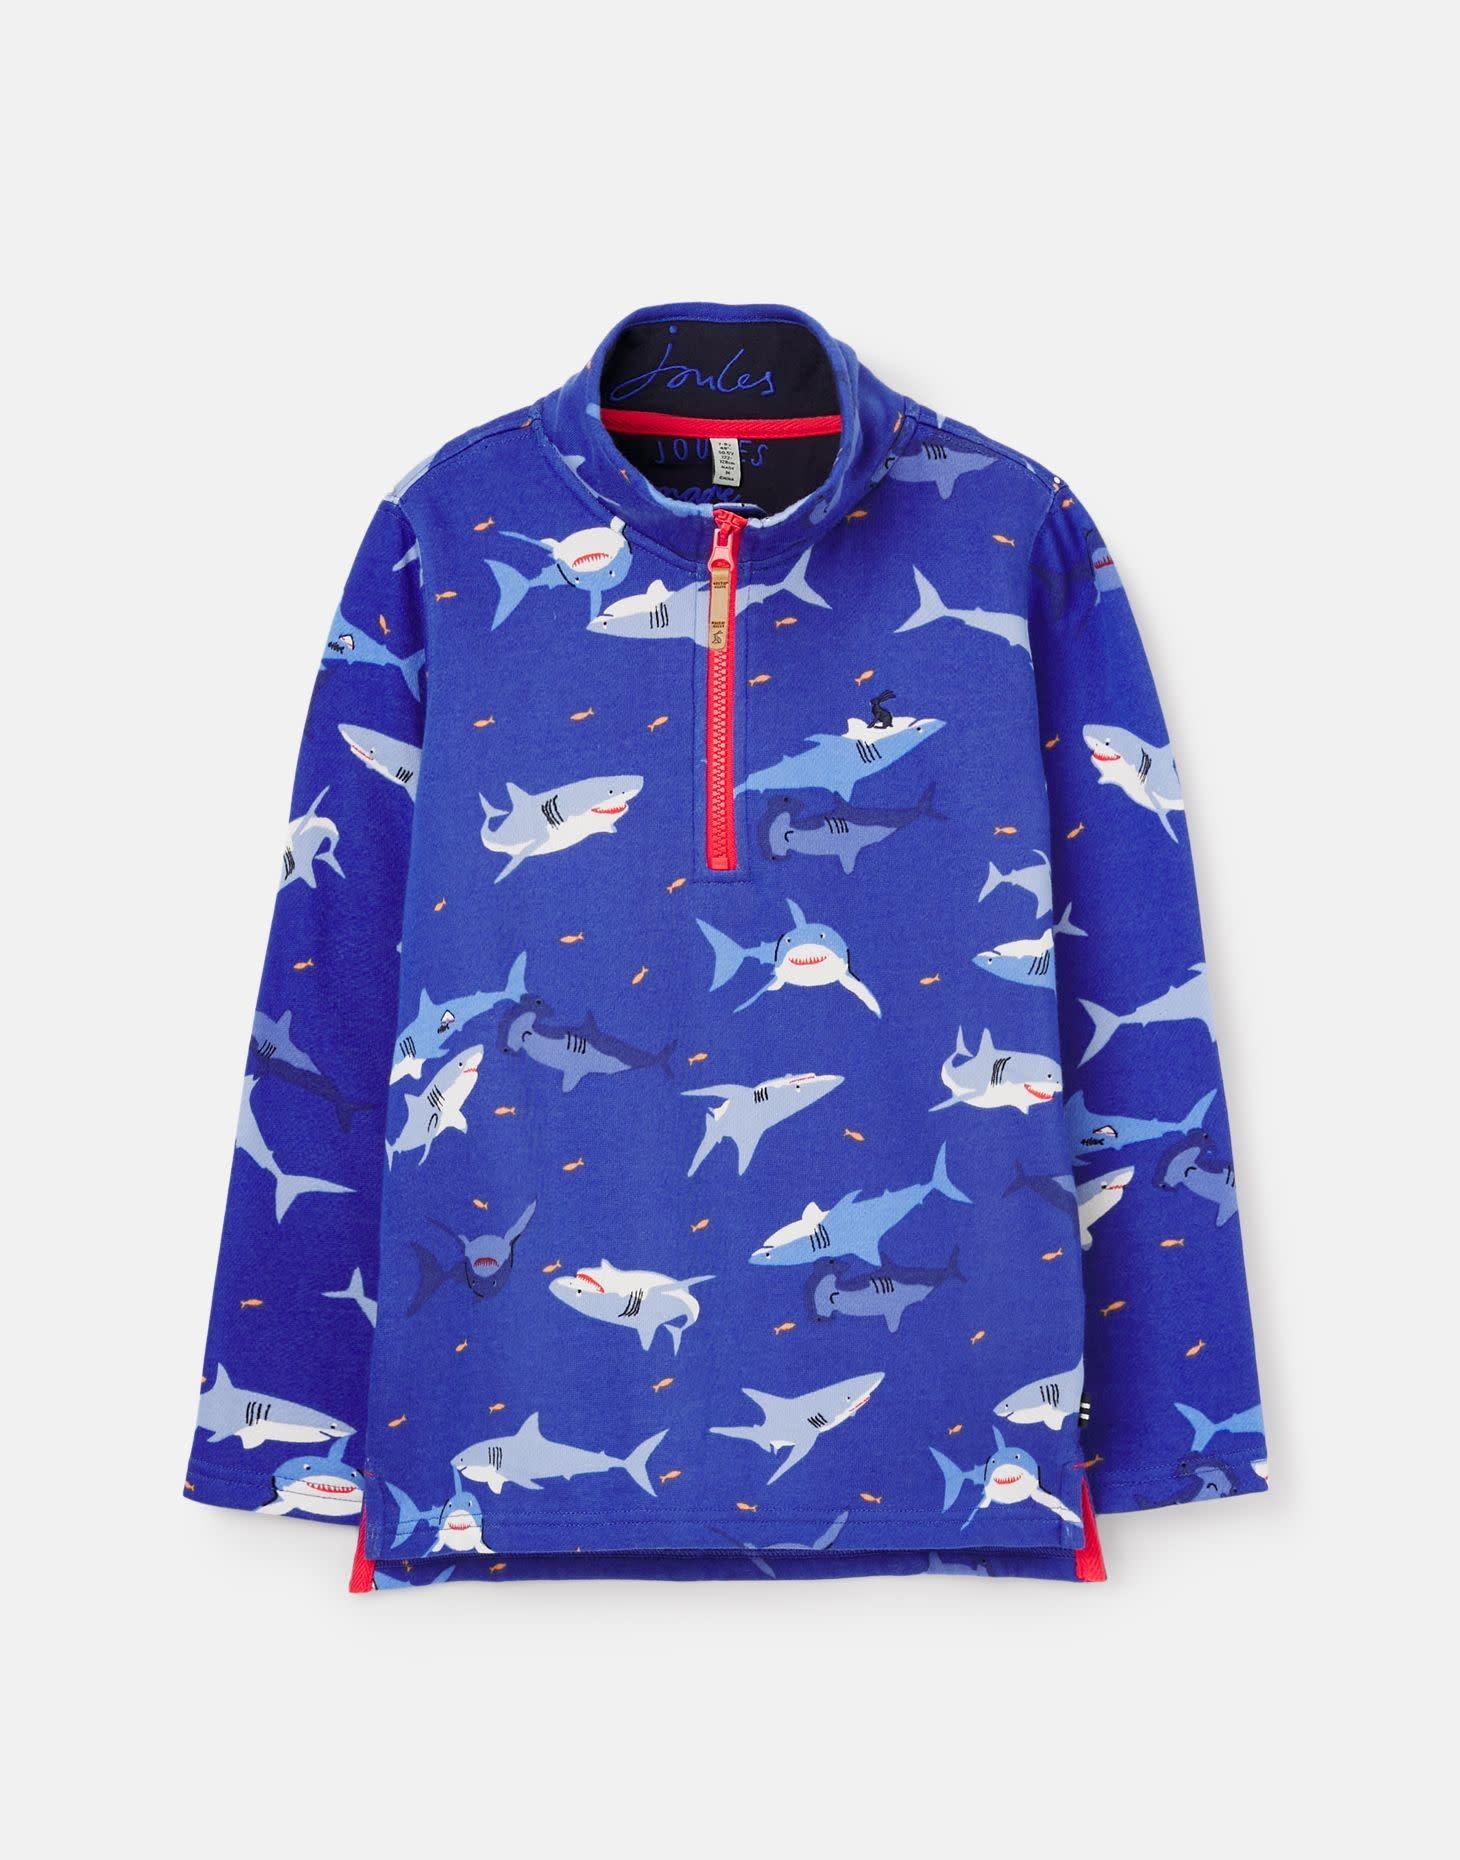 Joules Joules Dale Printed Half Zip Sweatshirt